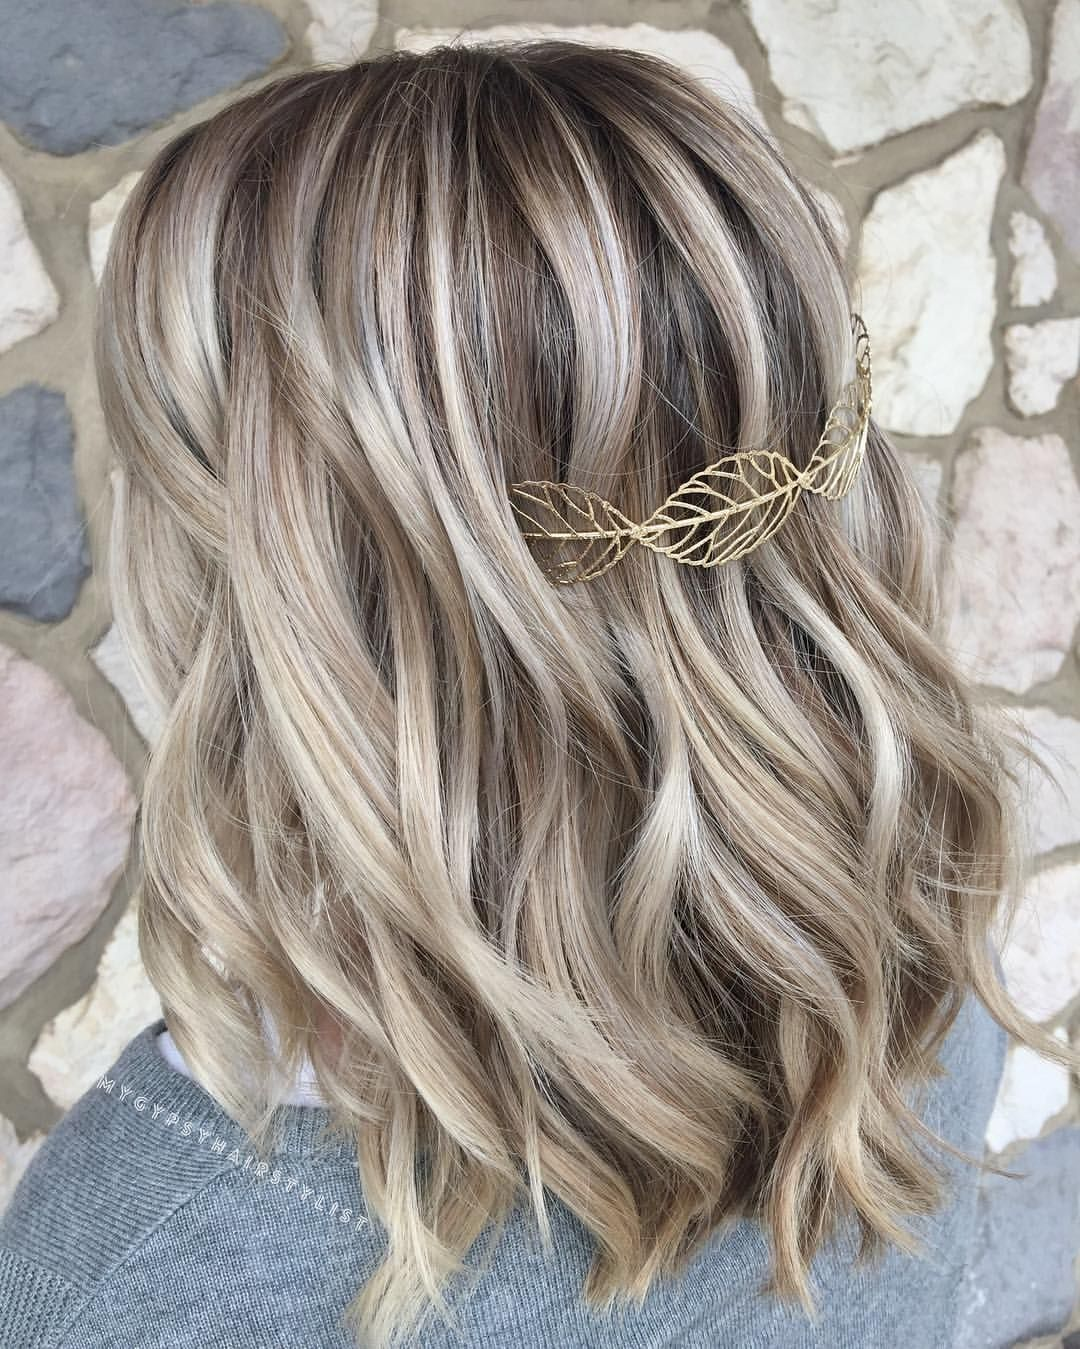 Dunklen blond bilder mit strähnen Trending Styles